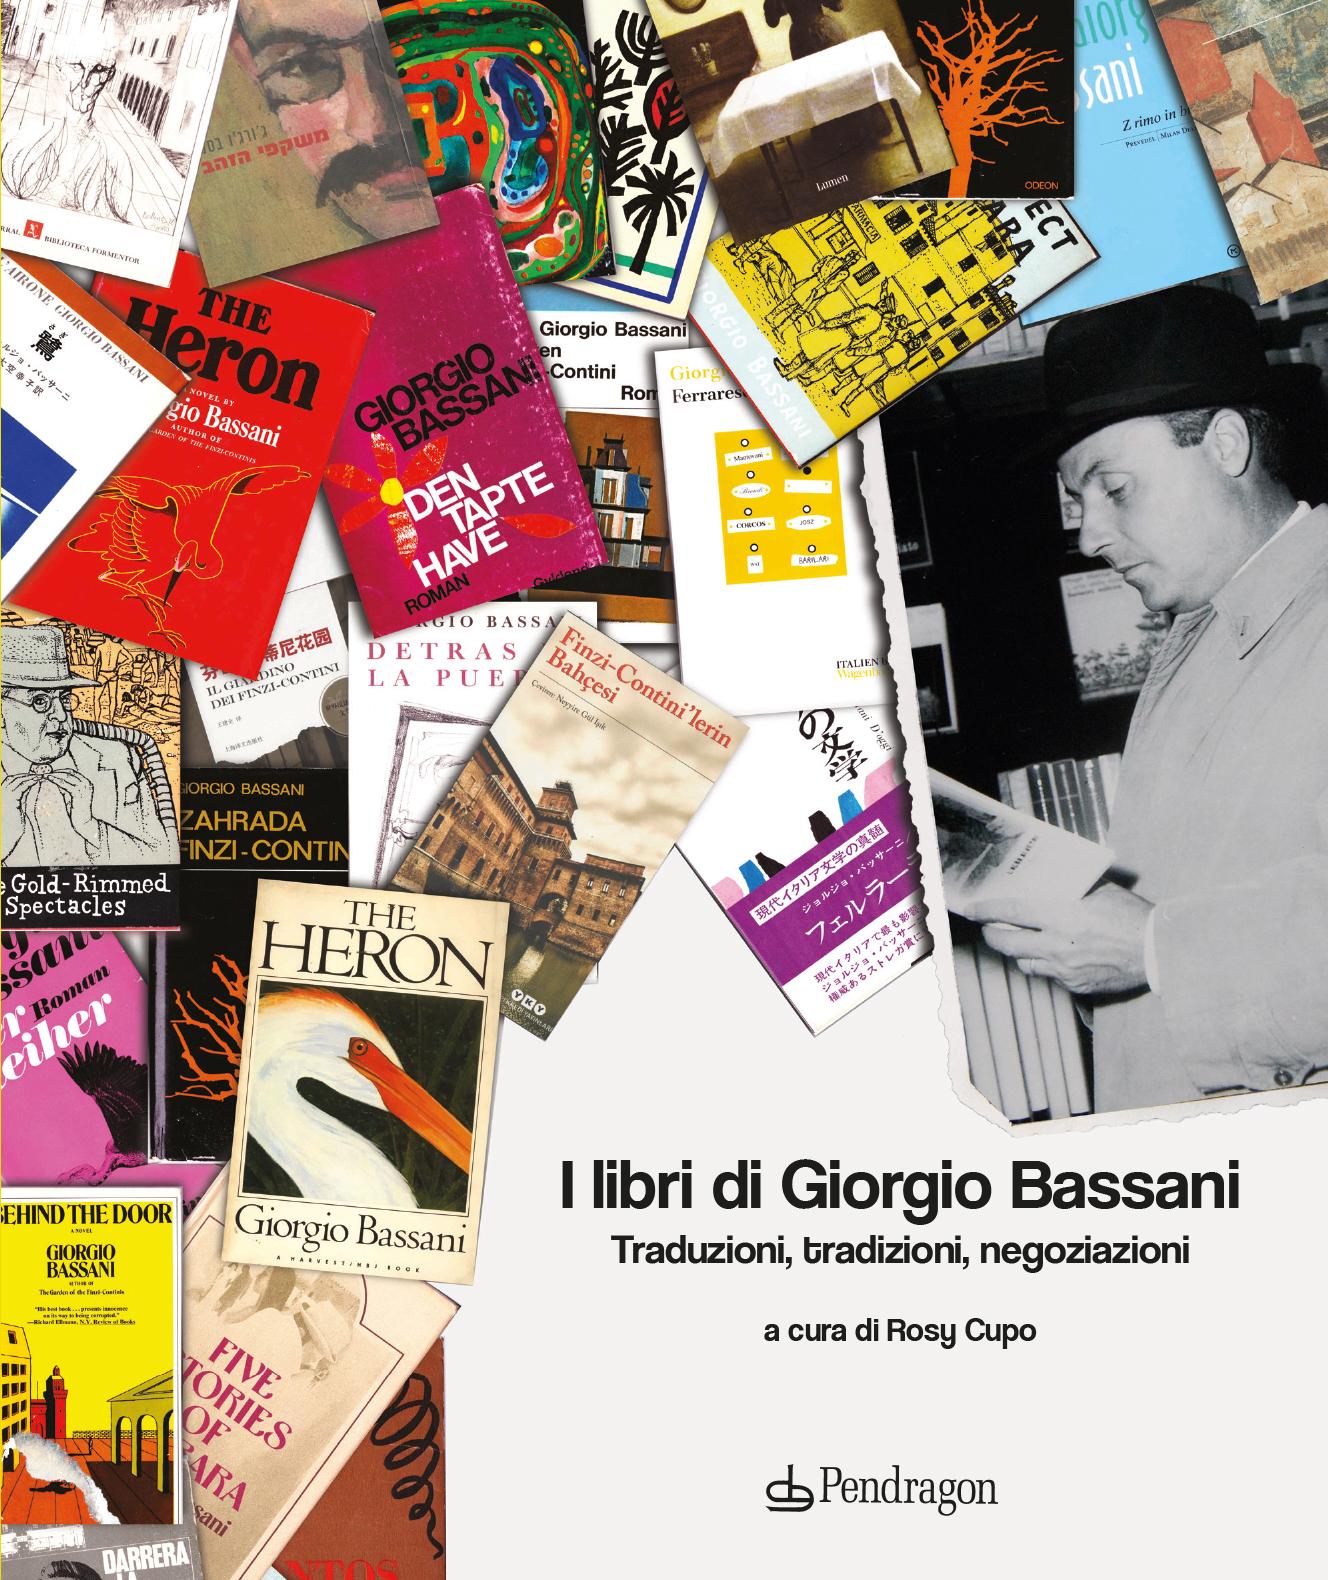 I libri di Giorgio Bassani